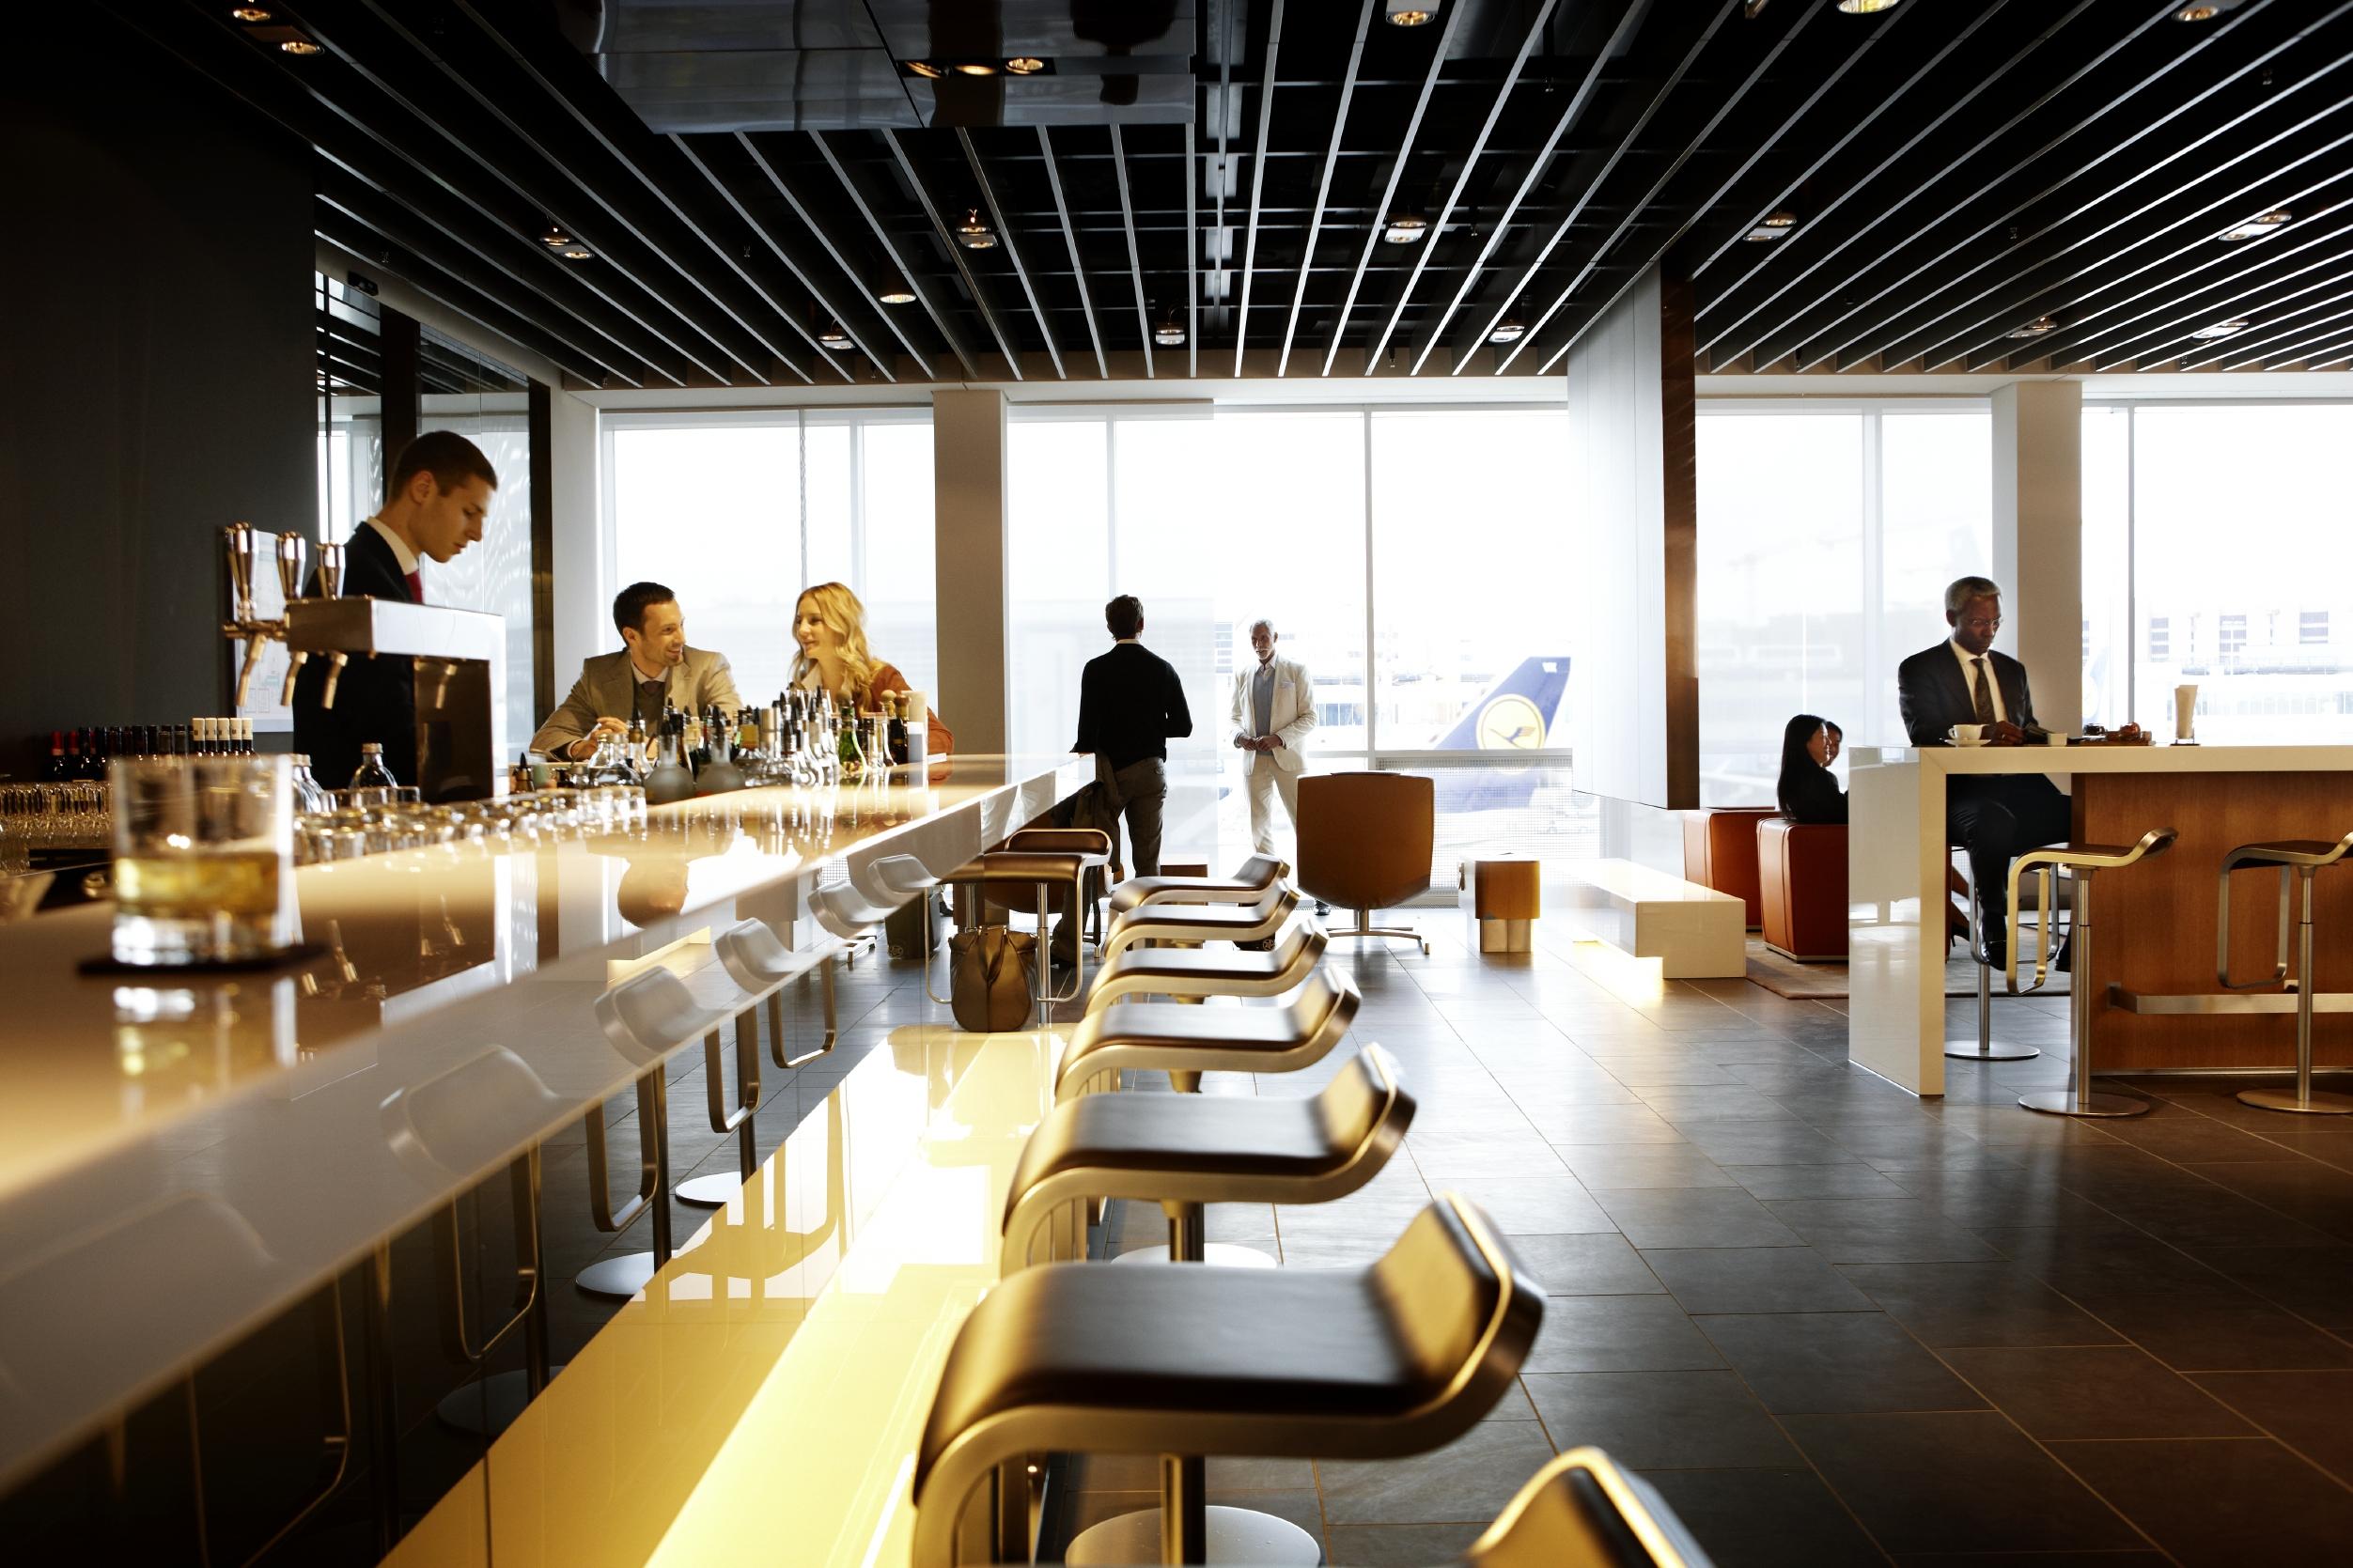 Lufthansa First Class Lounge